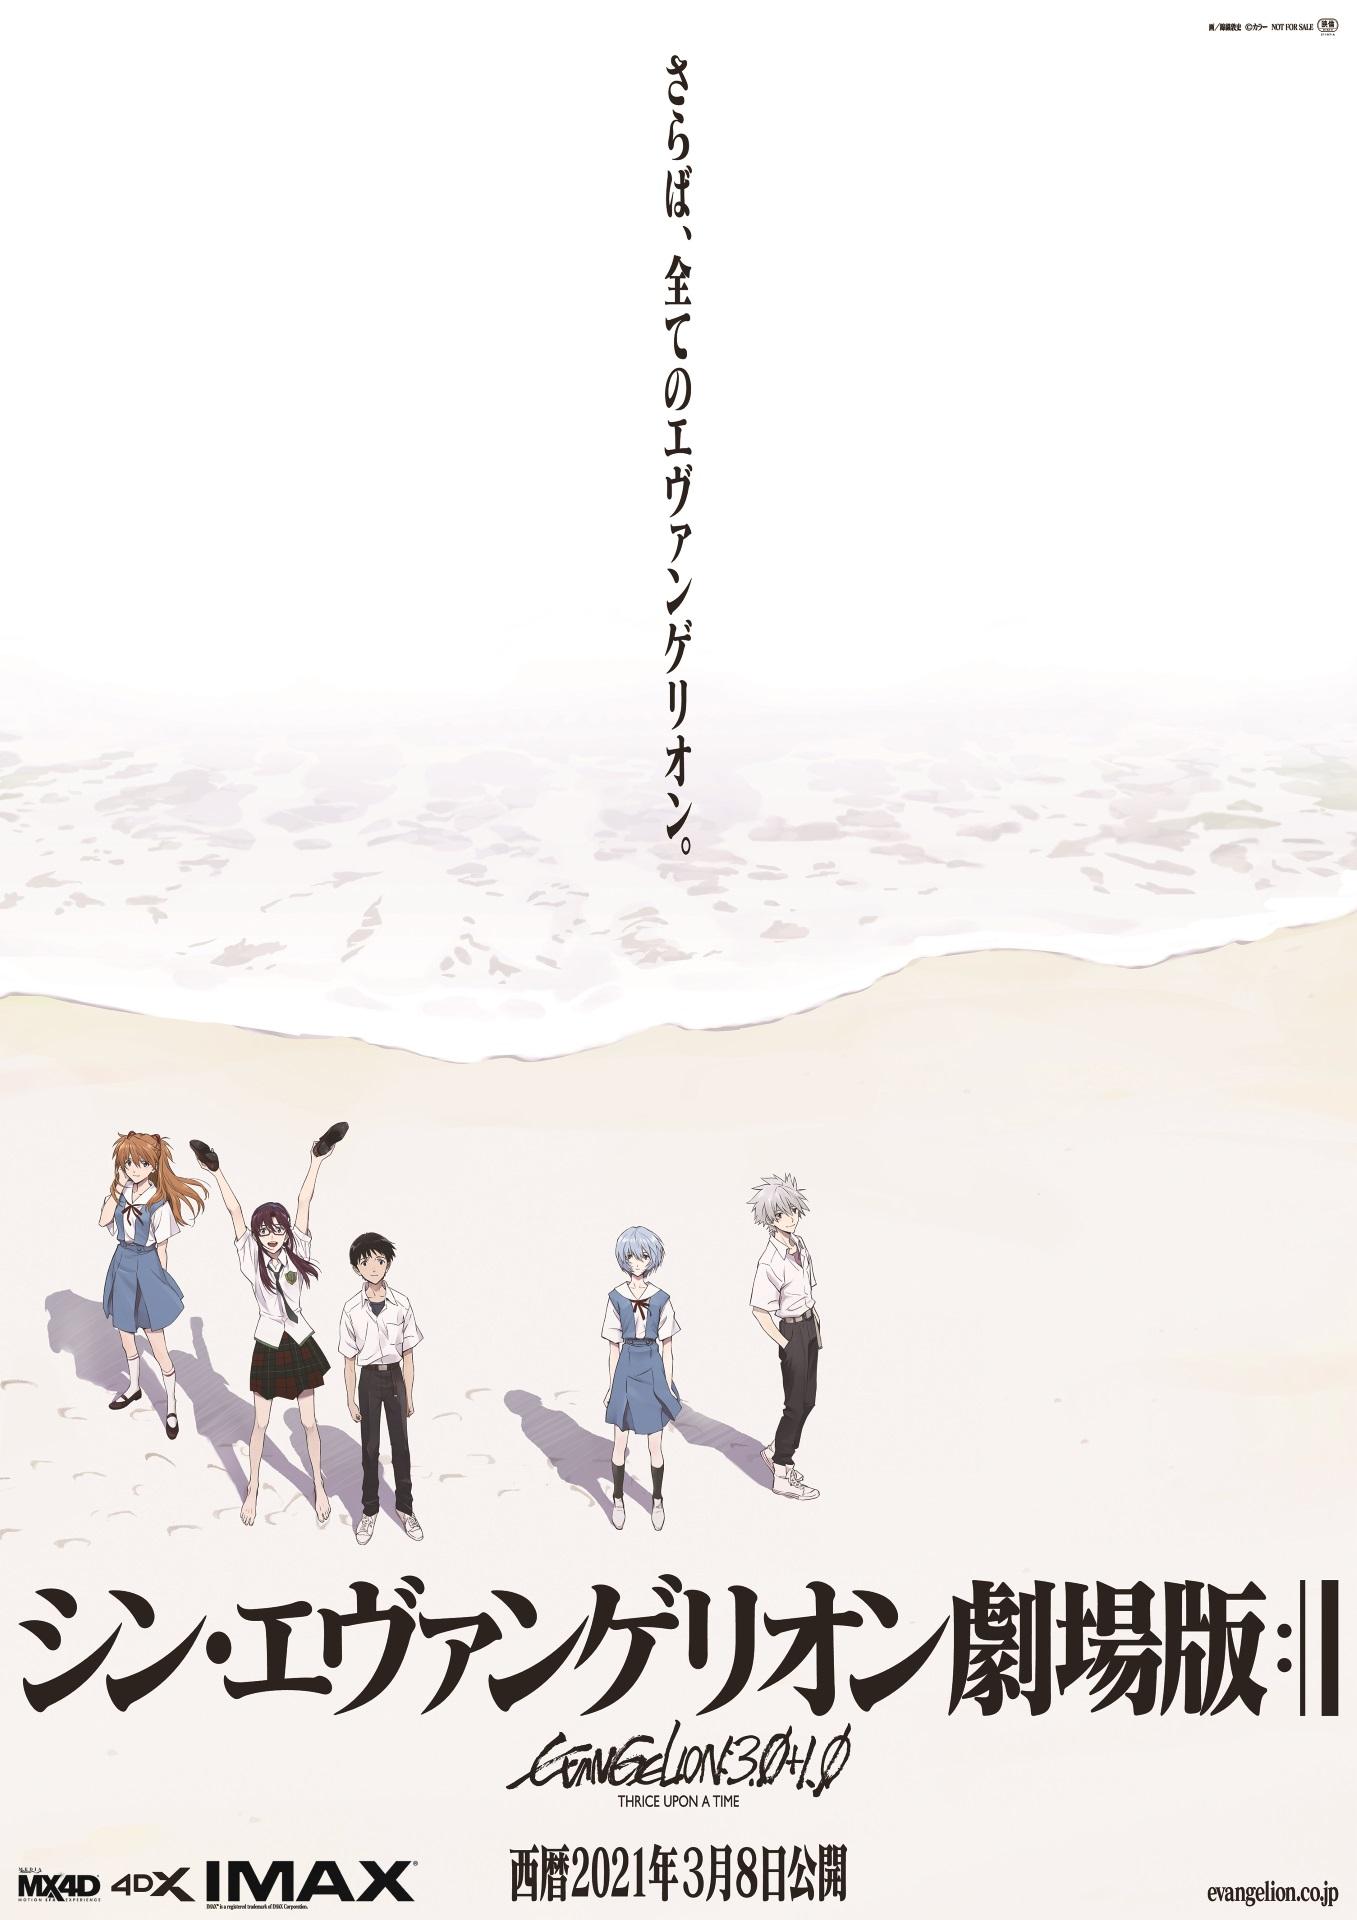 ファン待望、庵野作品にはこれ。3/19(金) – 25(木)1週間限定『シン・エヴァンゲリオン劇場版:||』日本語字幕付き【極音&爆】上映。